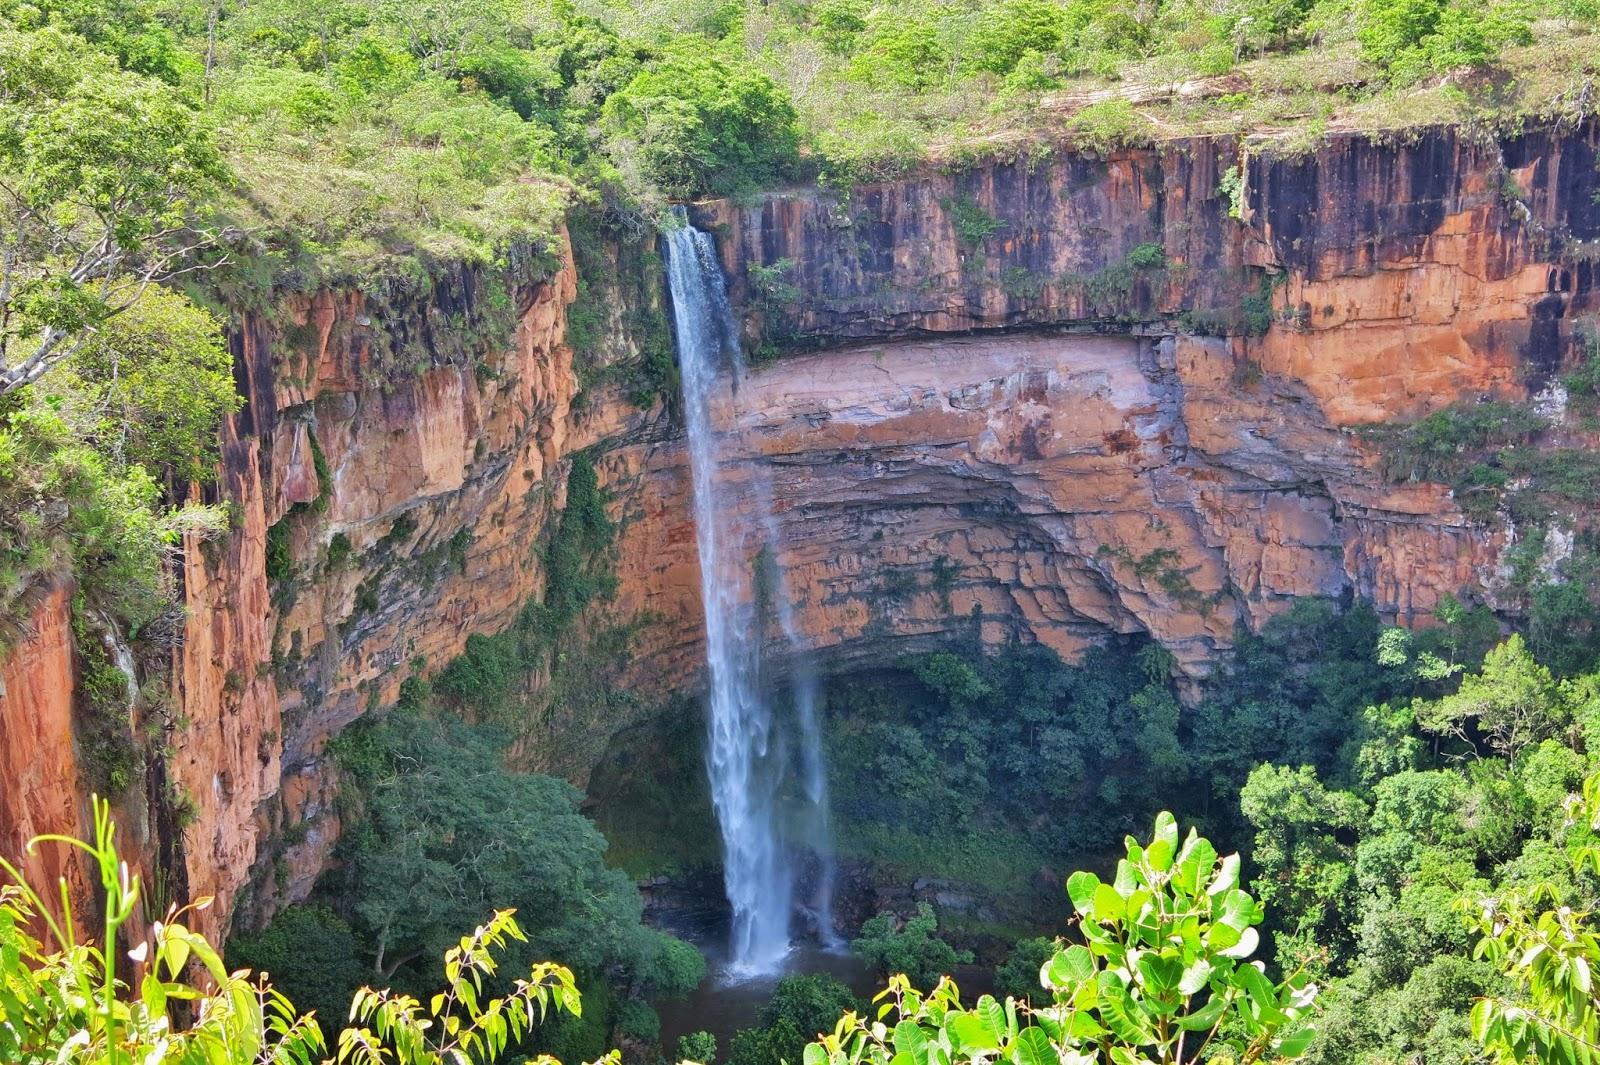 Cachoeira Véu da Noiva, cartão-postal da Chapada dos Guimarães.